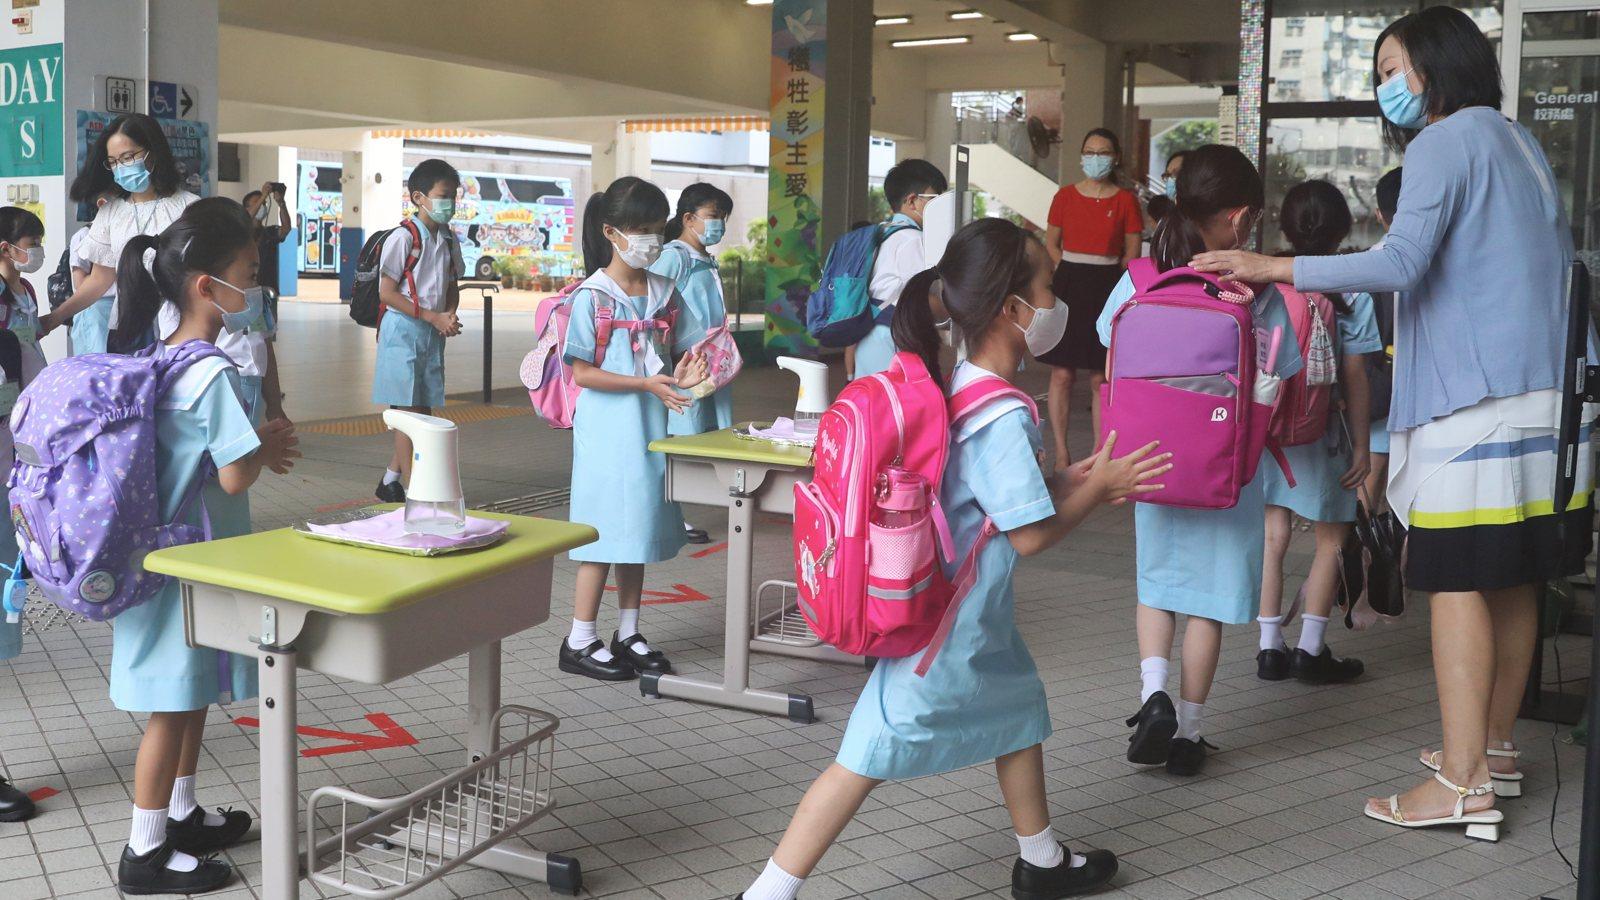 學生資助2021-書簿津貼-車船津貼-上網費津貼-學生資助計劃綜合申請表格-資助金額-香港財經時報-HKBT